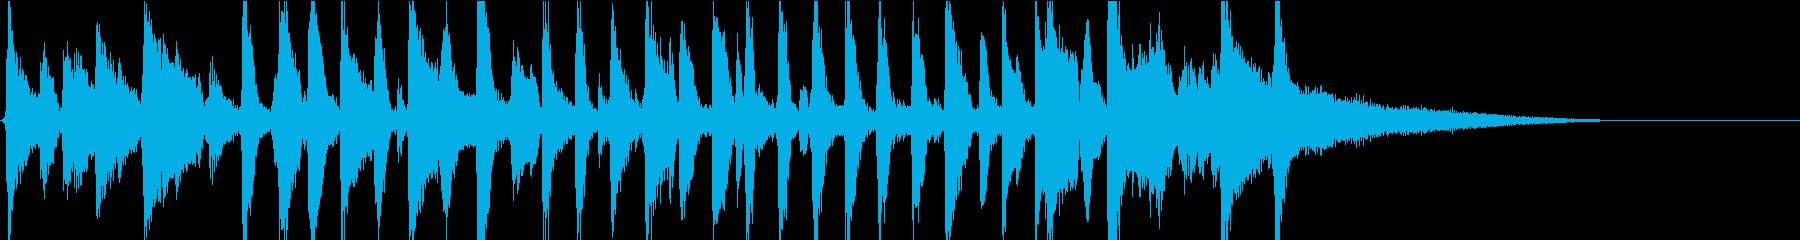 陽気なピアノオールドジャズバンドジングルの再生済みの波形